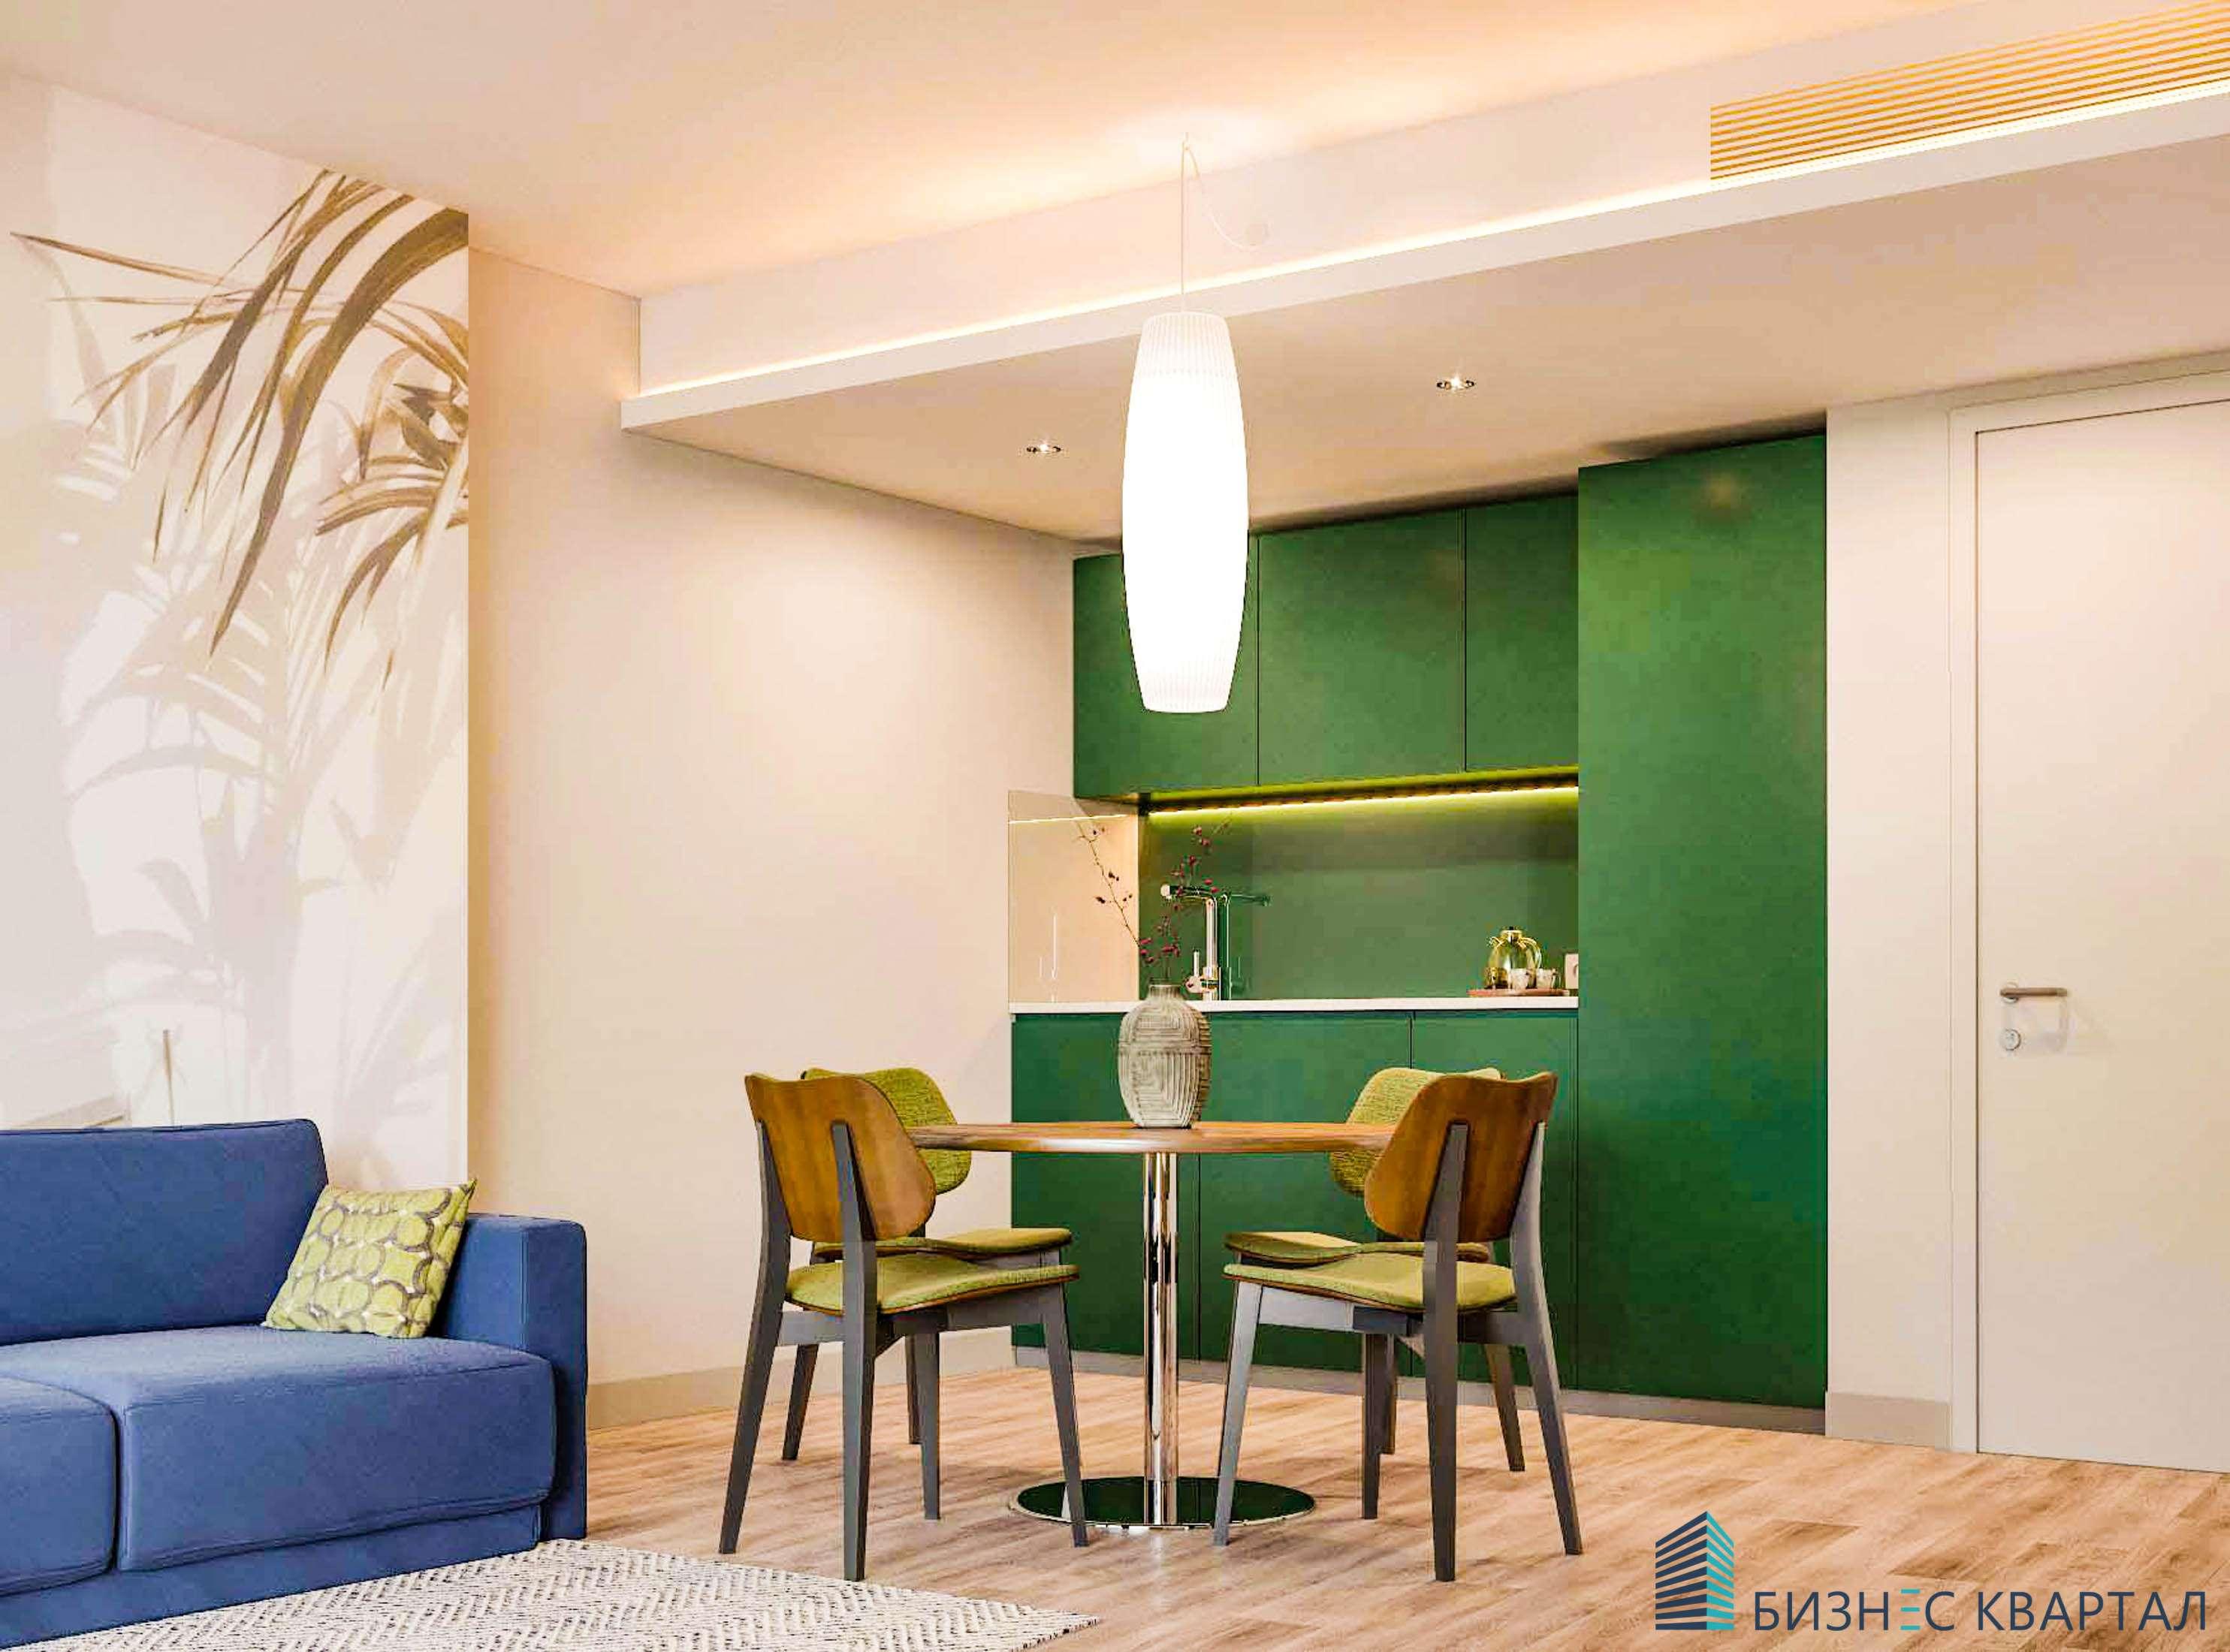 Двухкомнатные апартаменты с ремонтом и мебелью в Сочи - image gotovye-apartamenty-v-sochi-14-kopija on https://bizneskvartal.ru